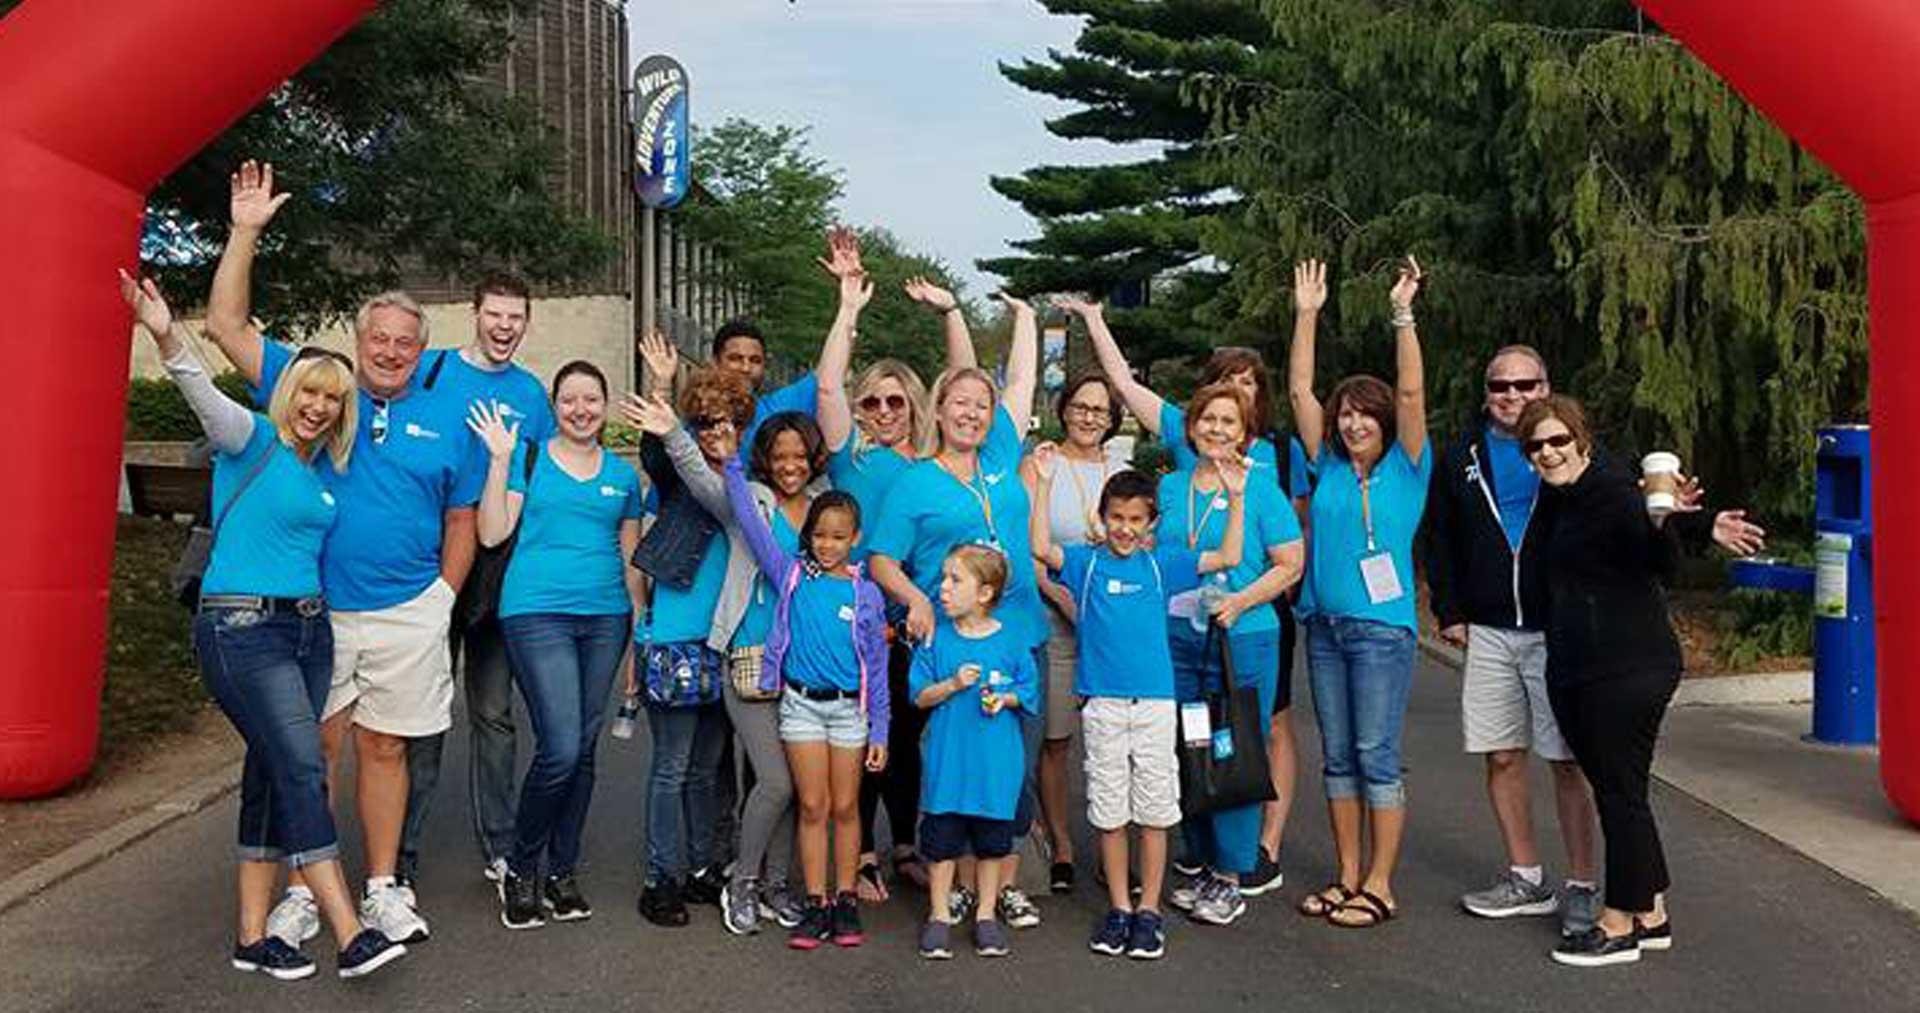 NBS_Volunteers_Team-NBS-2017_Walk-with-Me